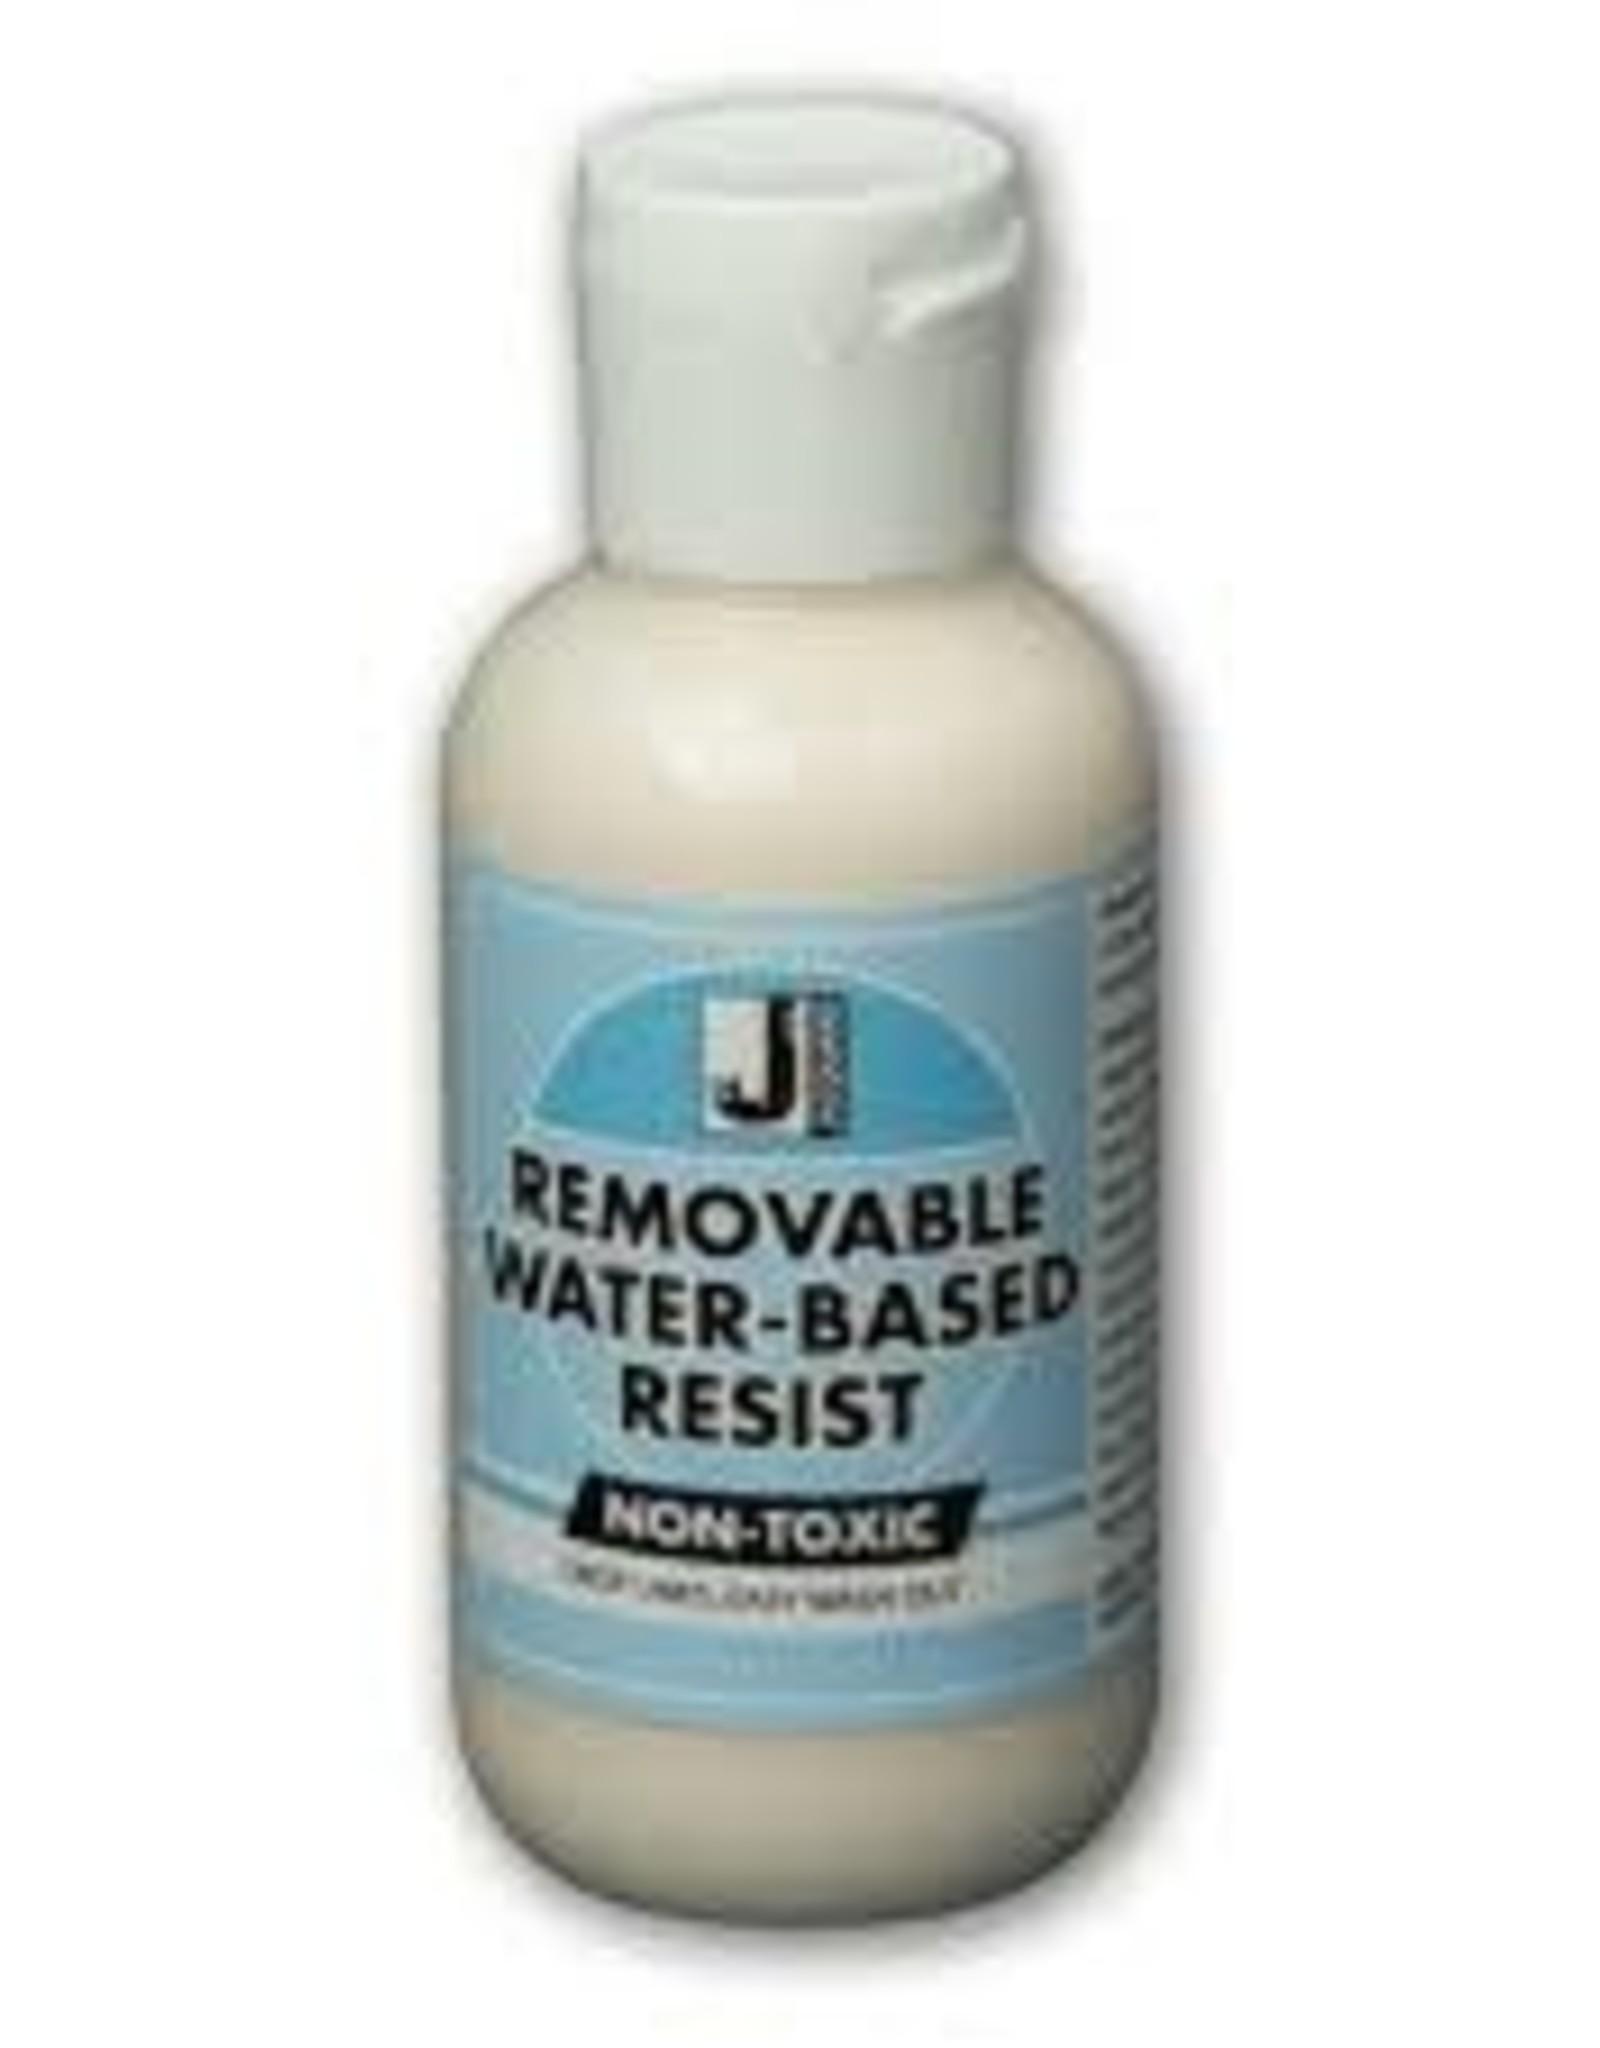 Jacquard Dye-na-flow Resist